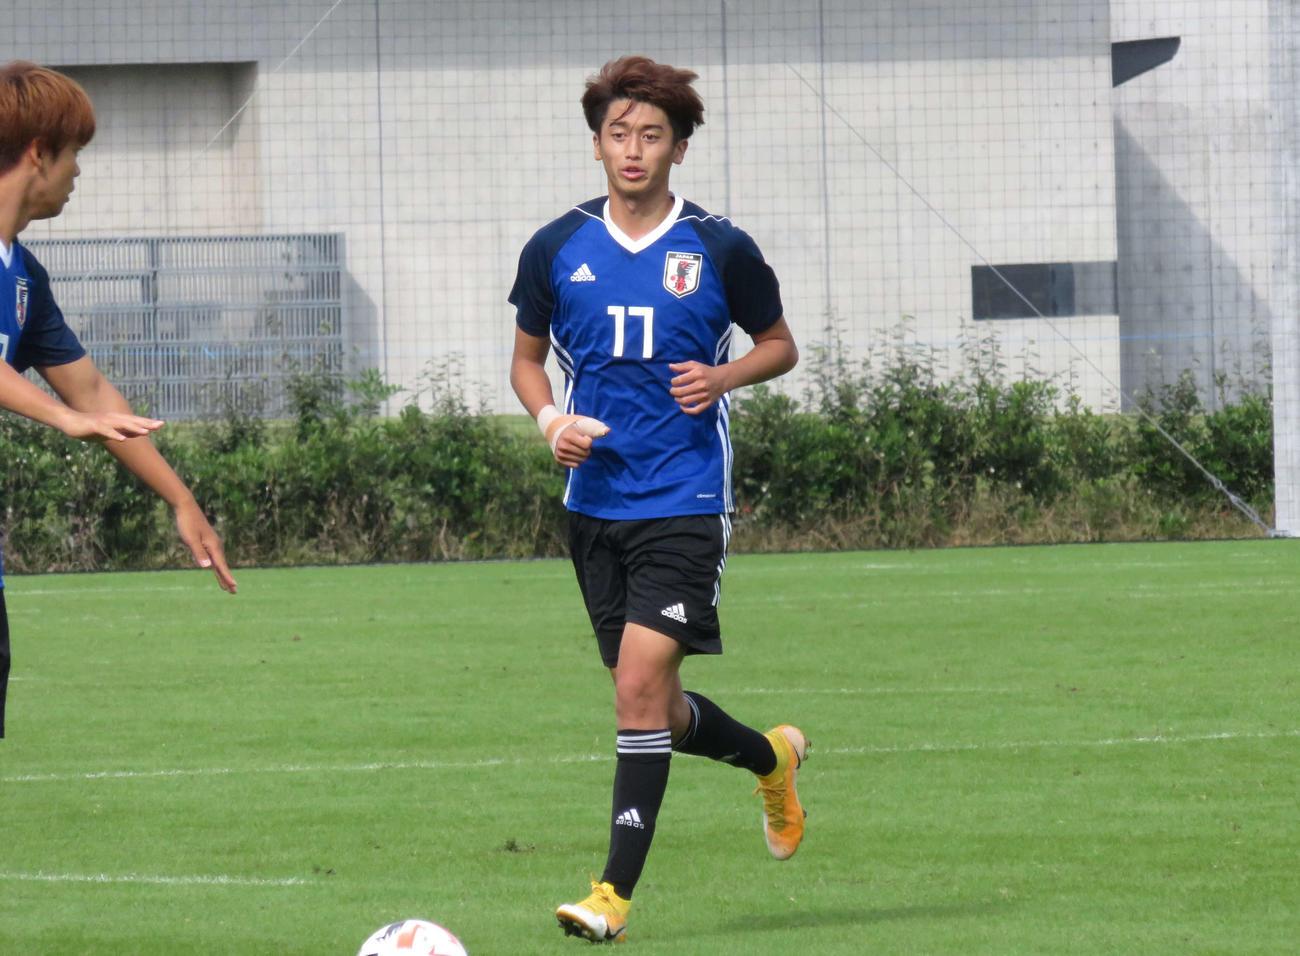 水戸との練習試合で得点を決めた、セレッソ大阪のU-19日本代表候補FW西川潤